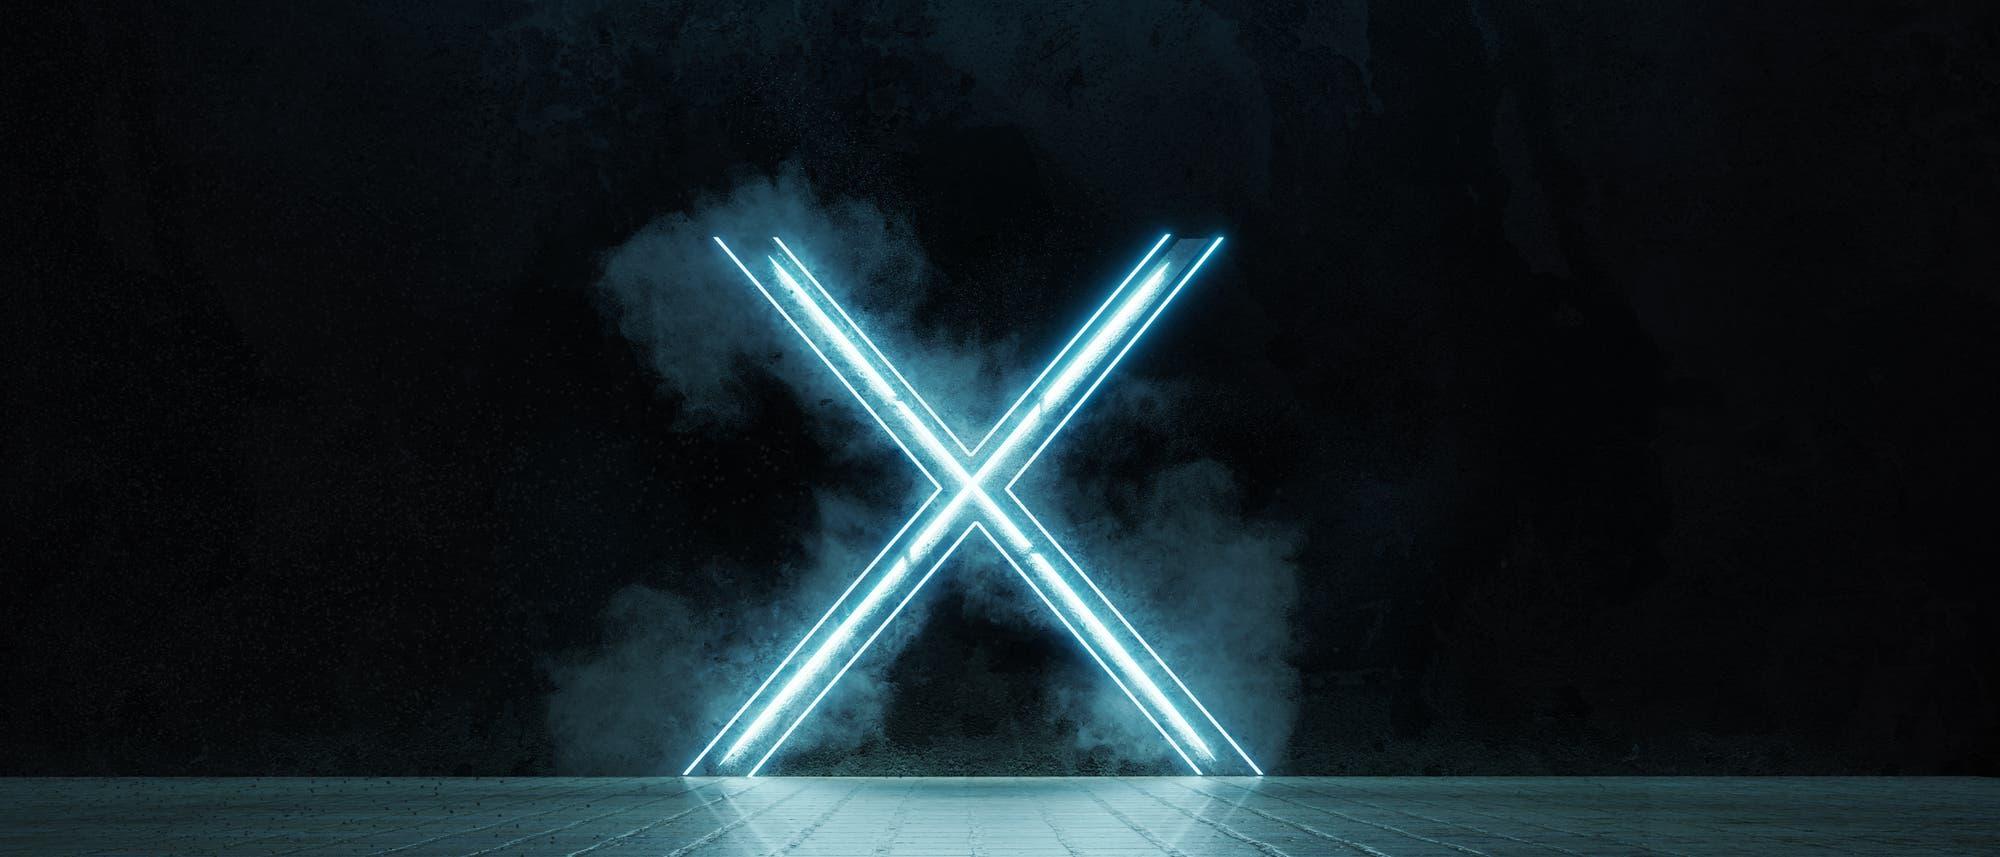 Eine düstere 3-D-Darstellung eines X aus Leuchtstoffröhren.